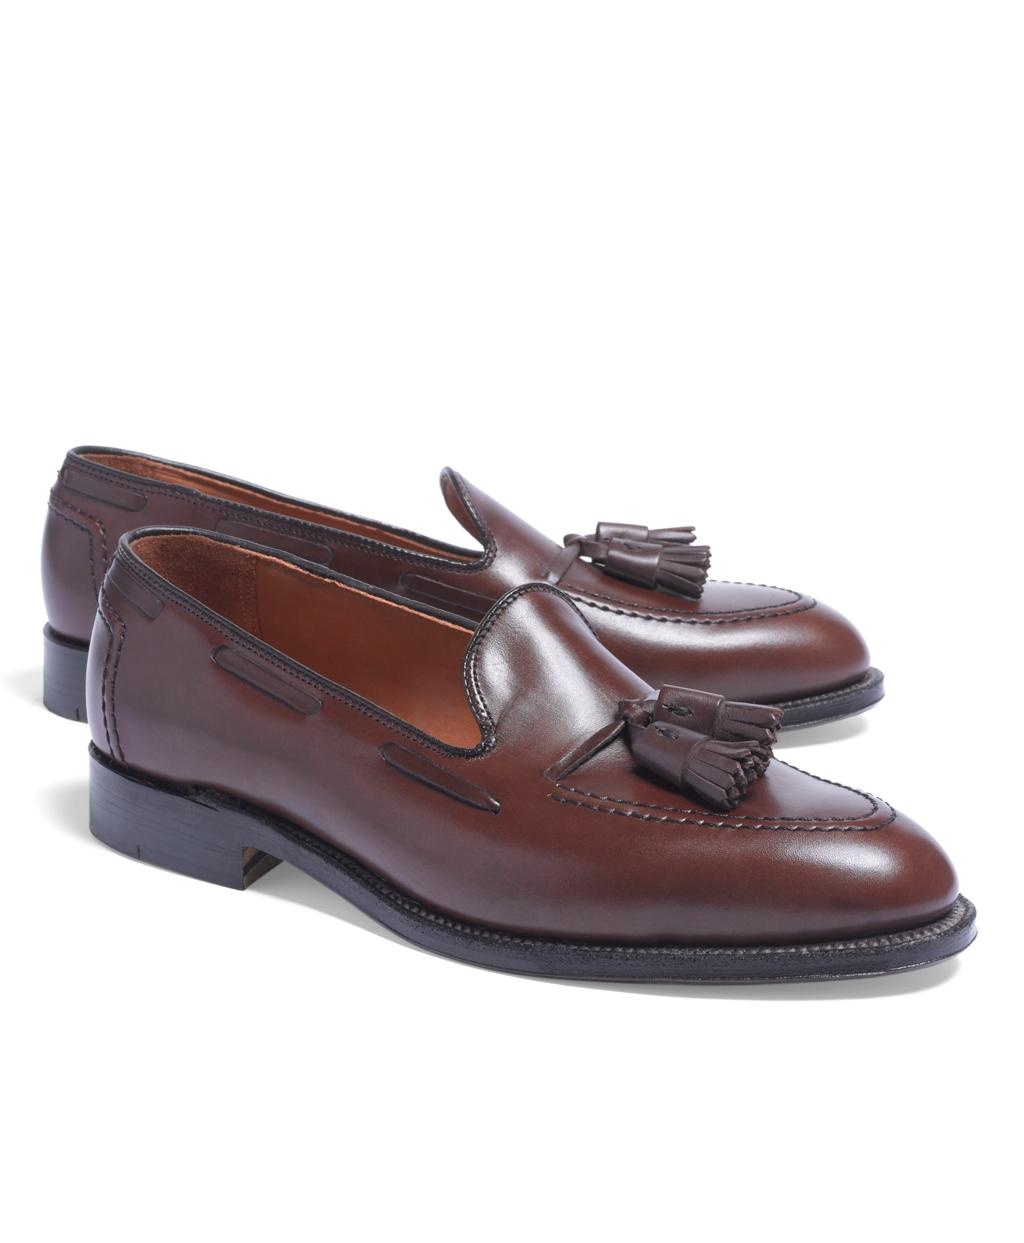 Brooks Brothers Shoe Sizing